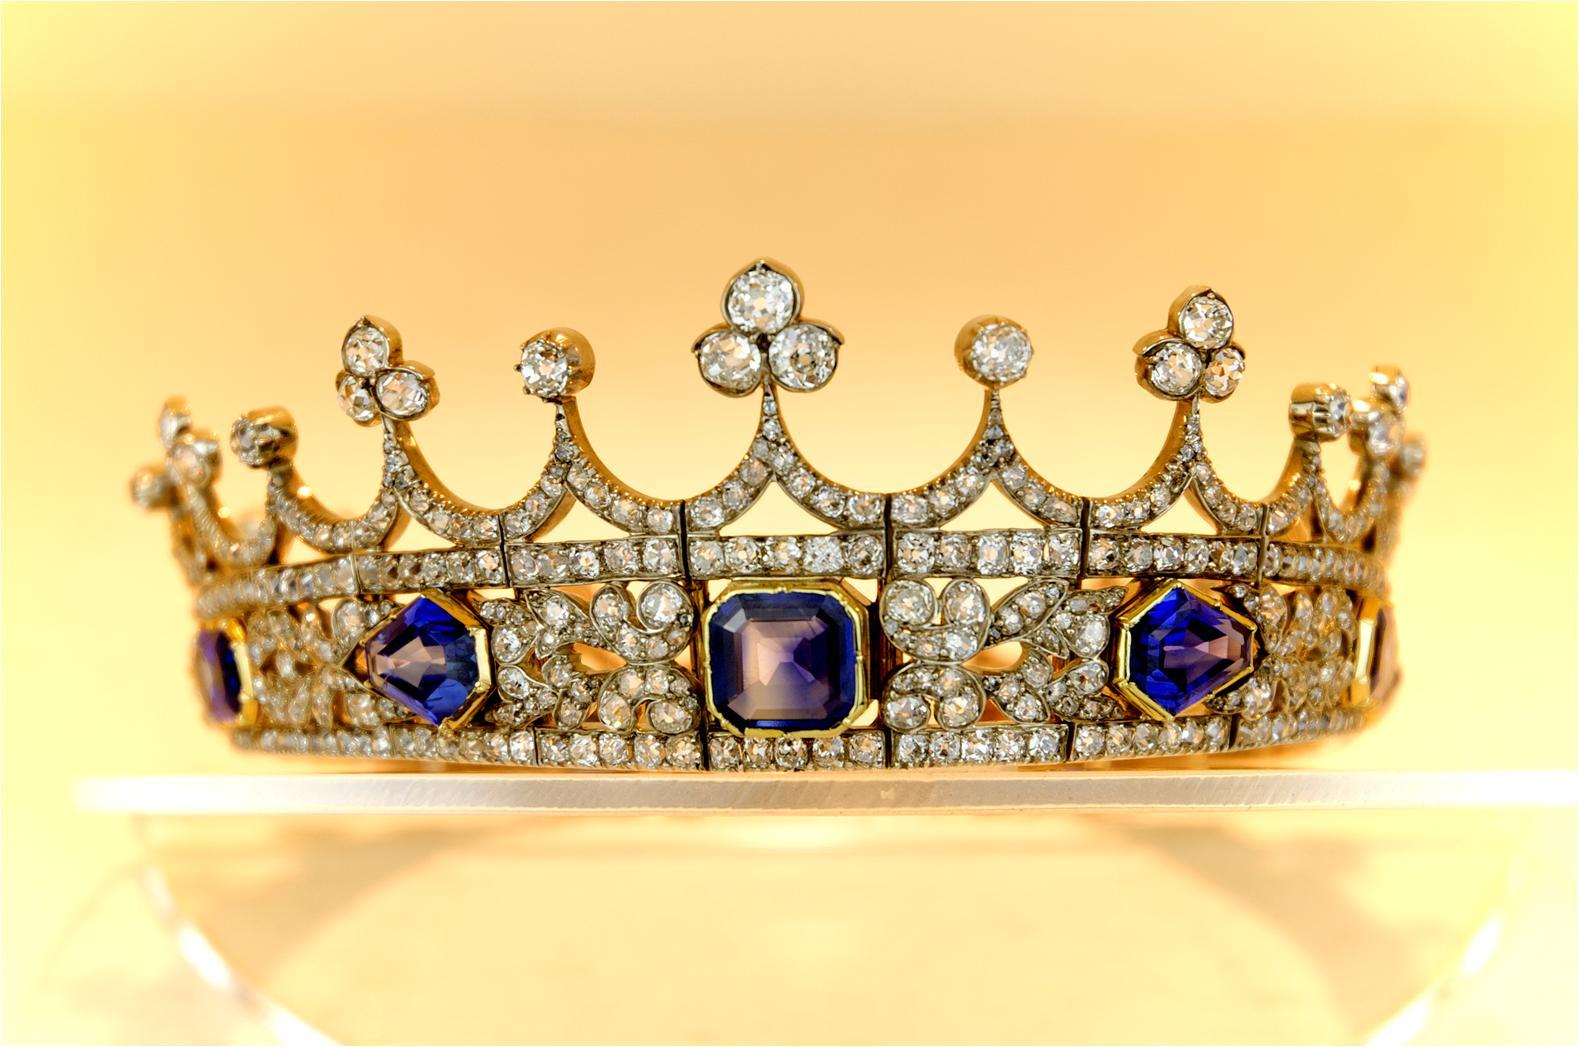 The Royal Order of Sar...